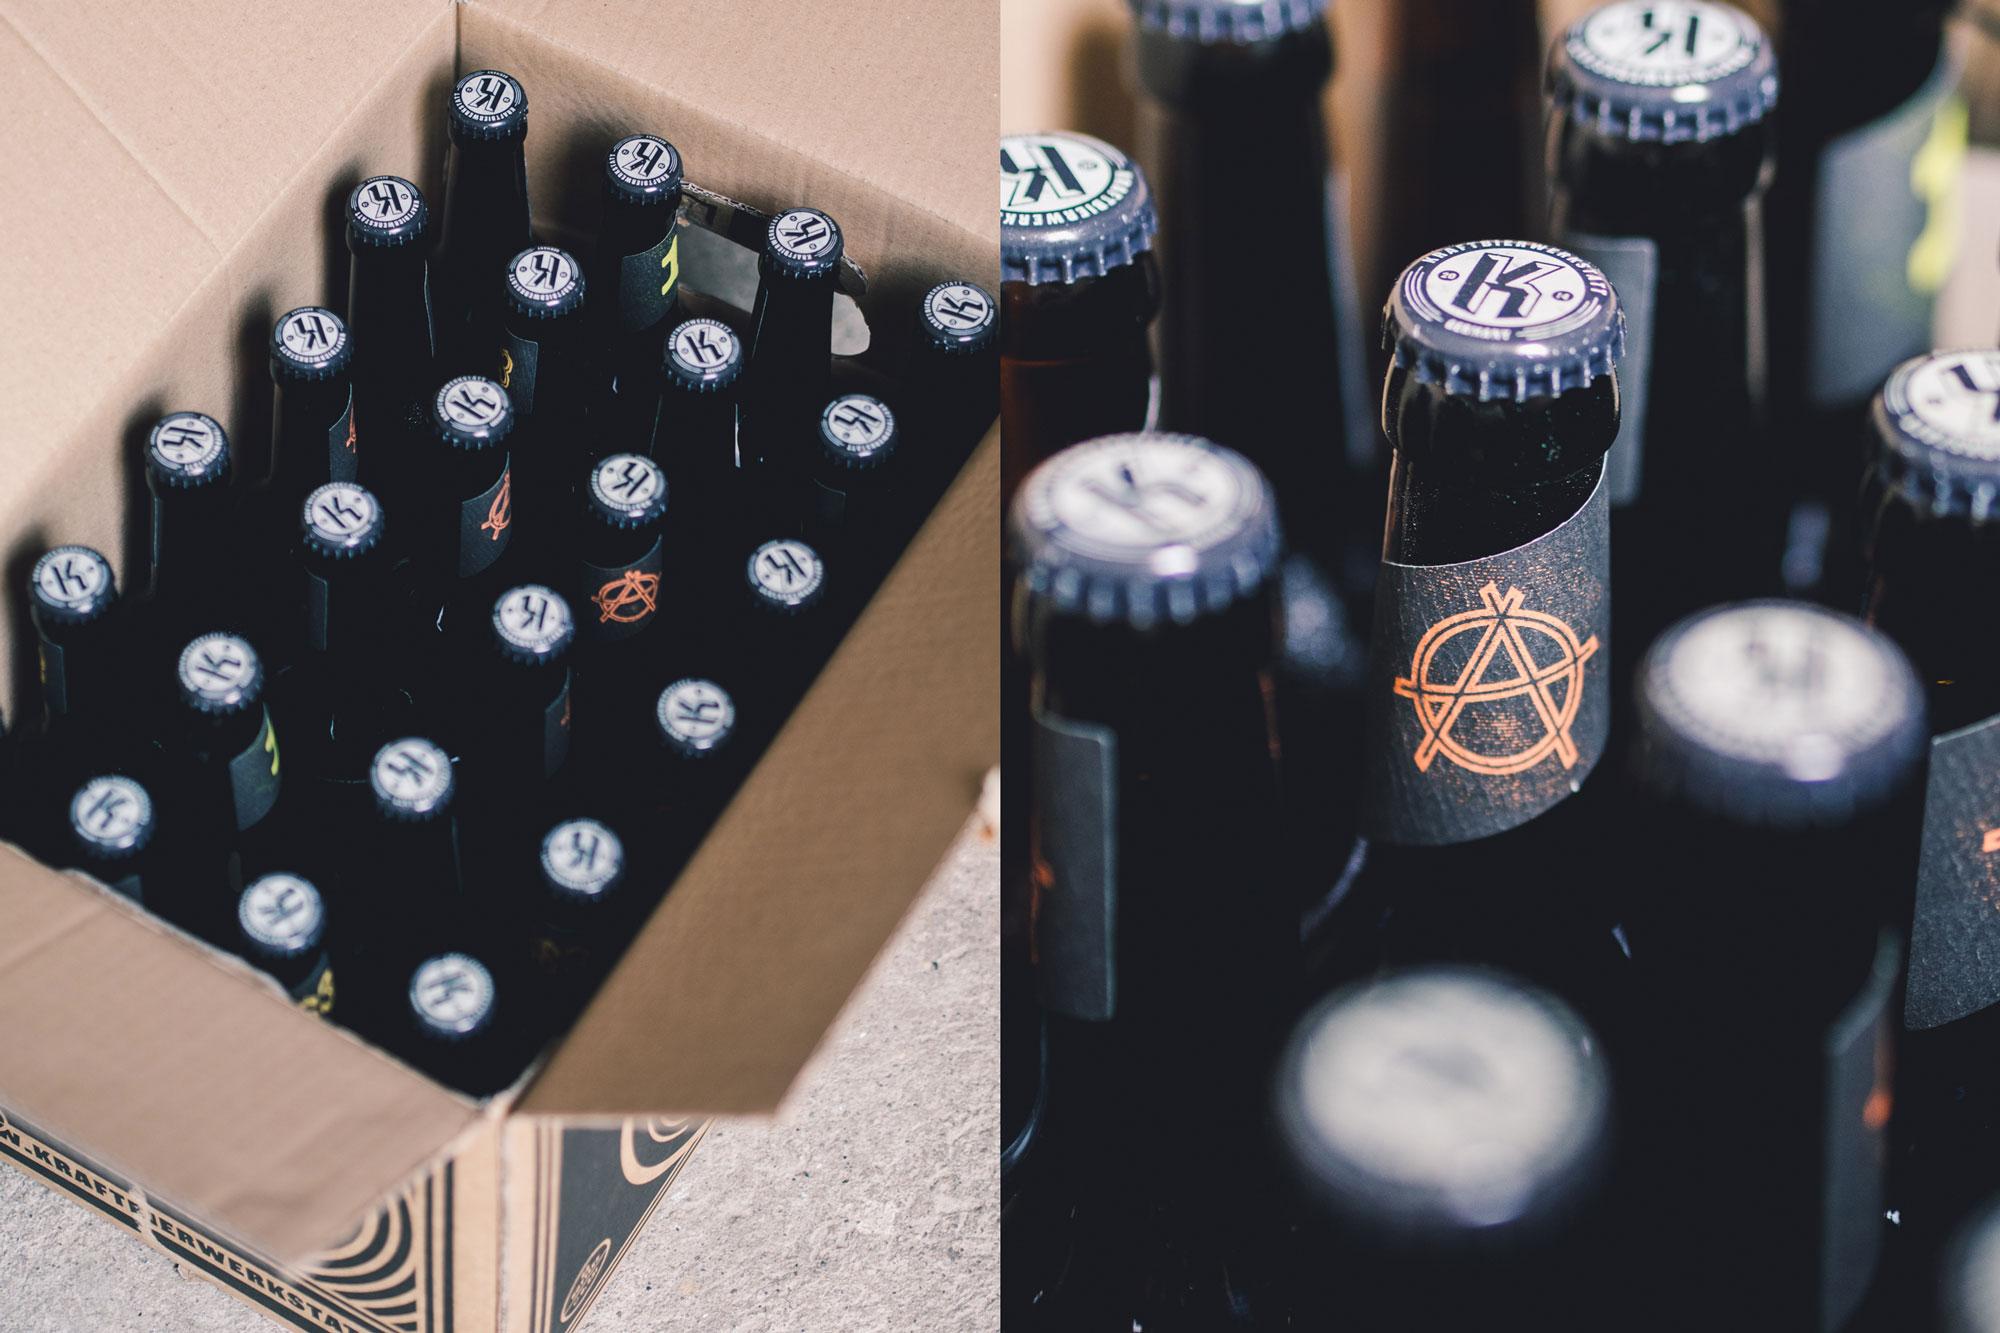 Man sieht von oben eine geöffnete Papp-Kiste der Craftbier-Brauerei